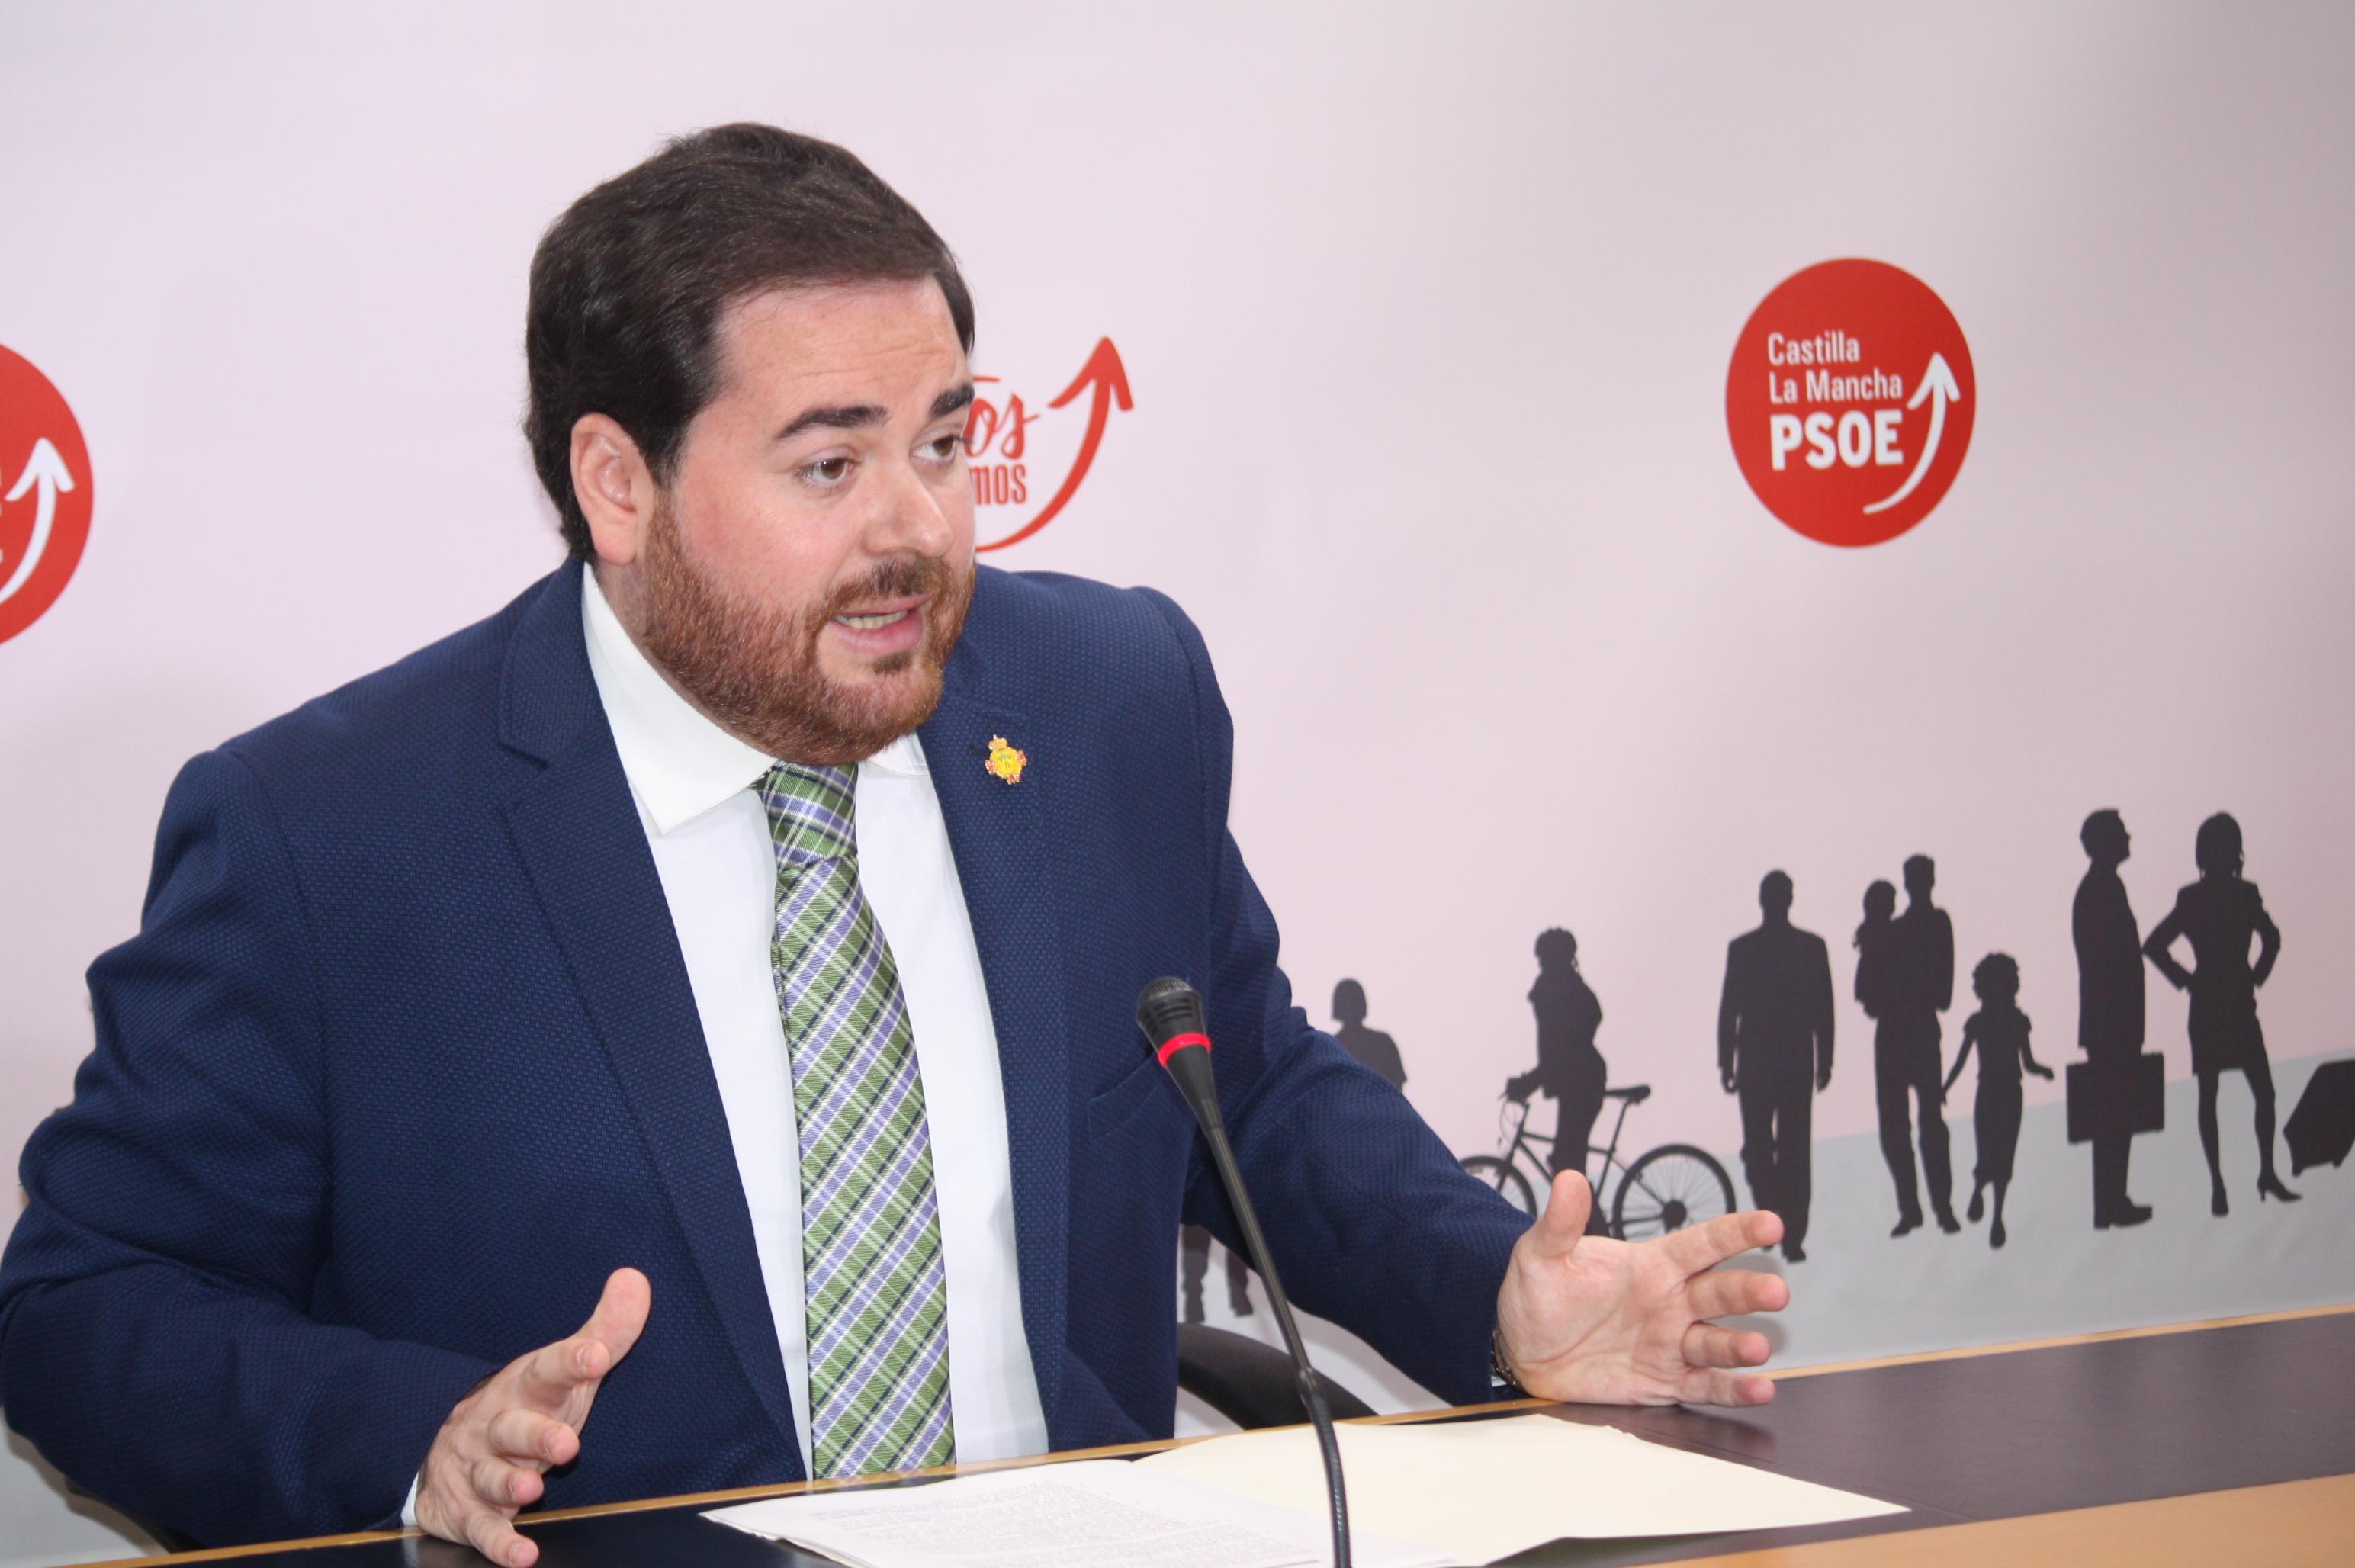 El PSOE destaca el trabajo del Gobierno de CLM en la erradicación de la pobreza y apunta el descenso de la tasa de pobreza severa